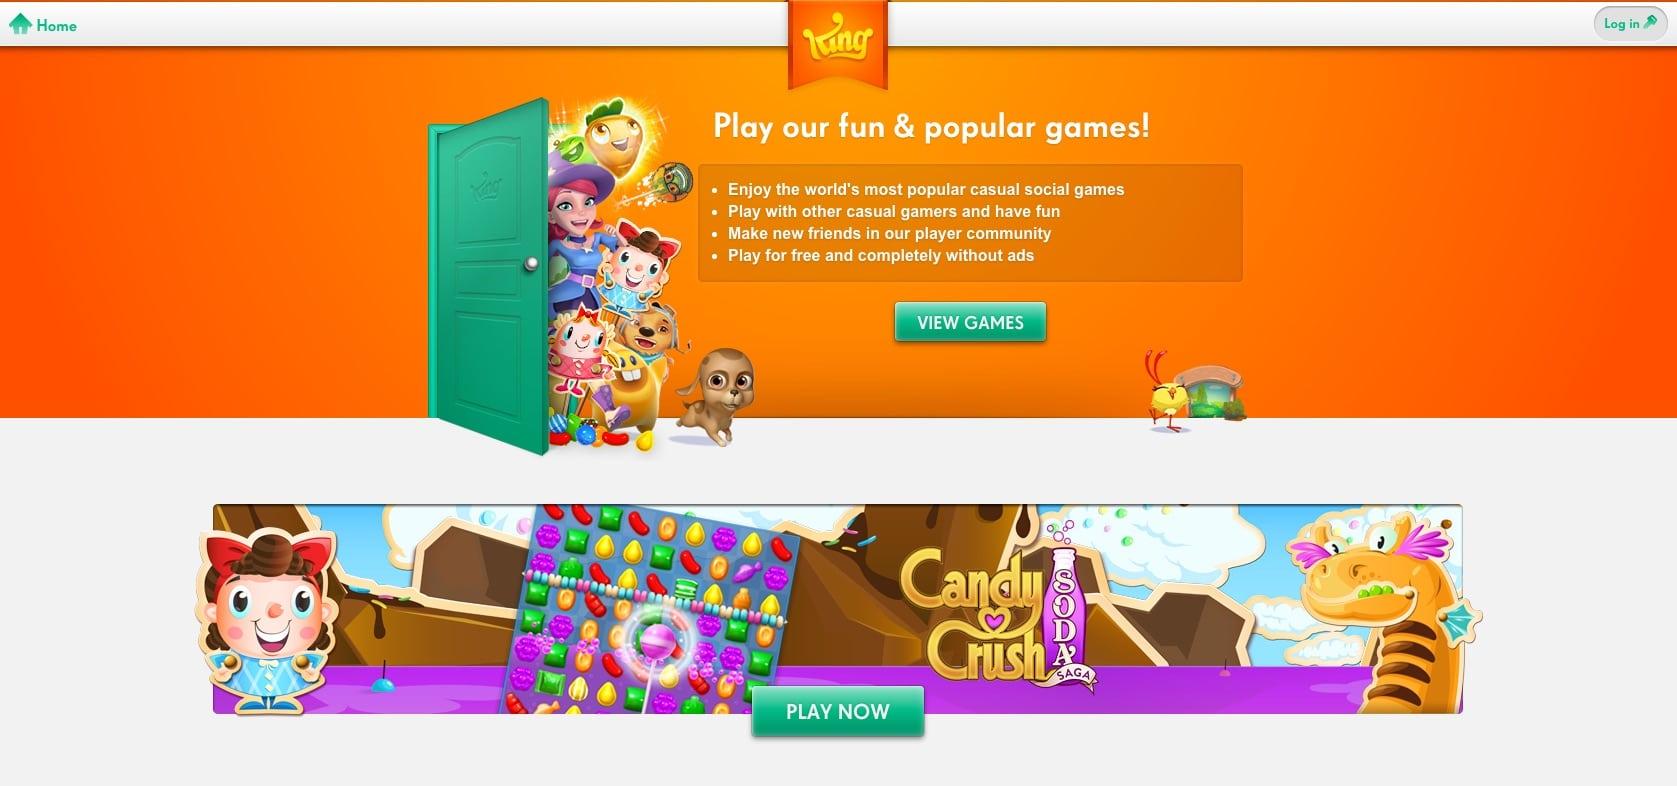 kingcomwebsite